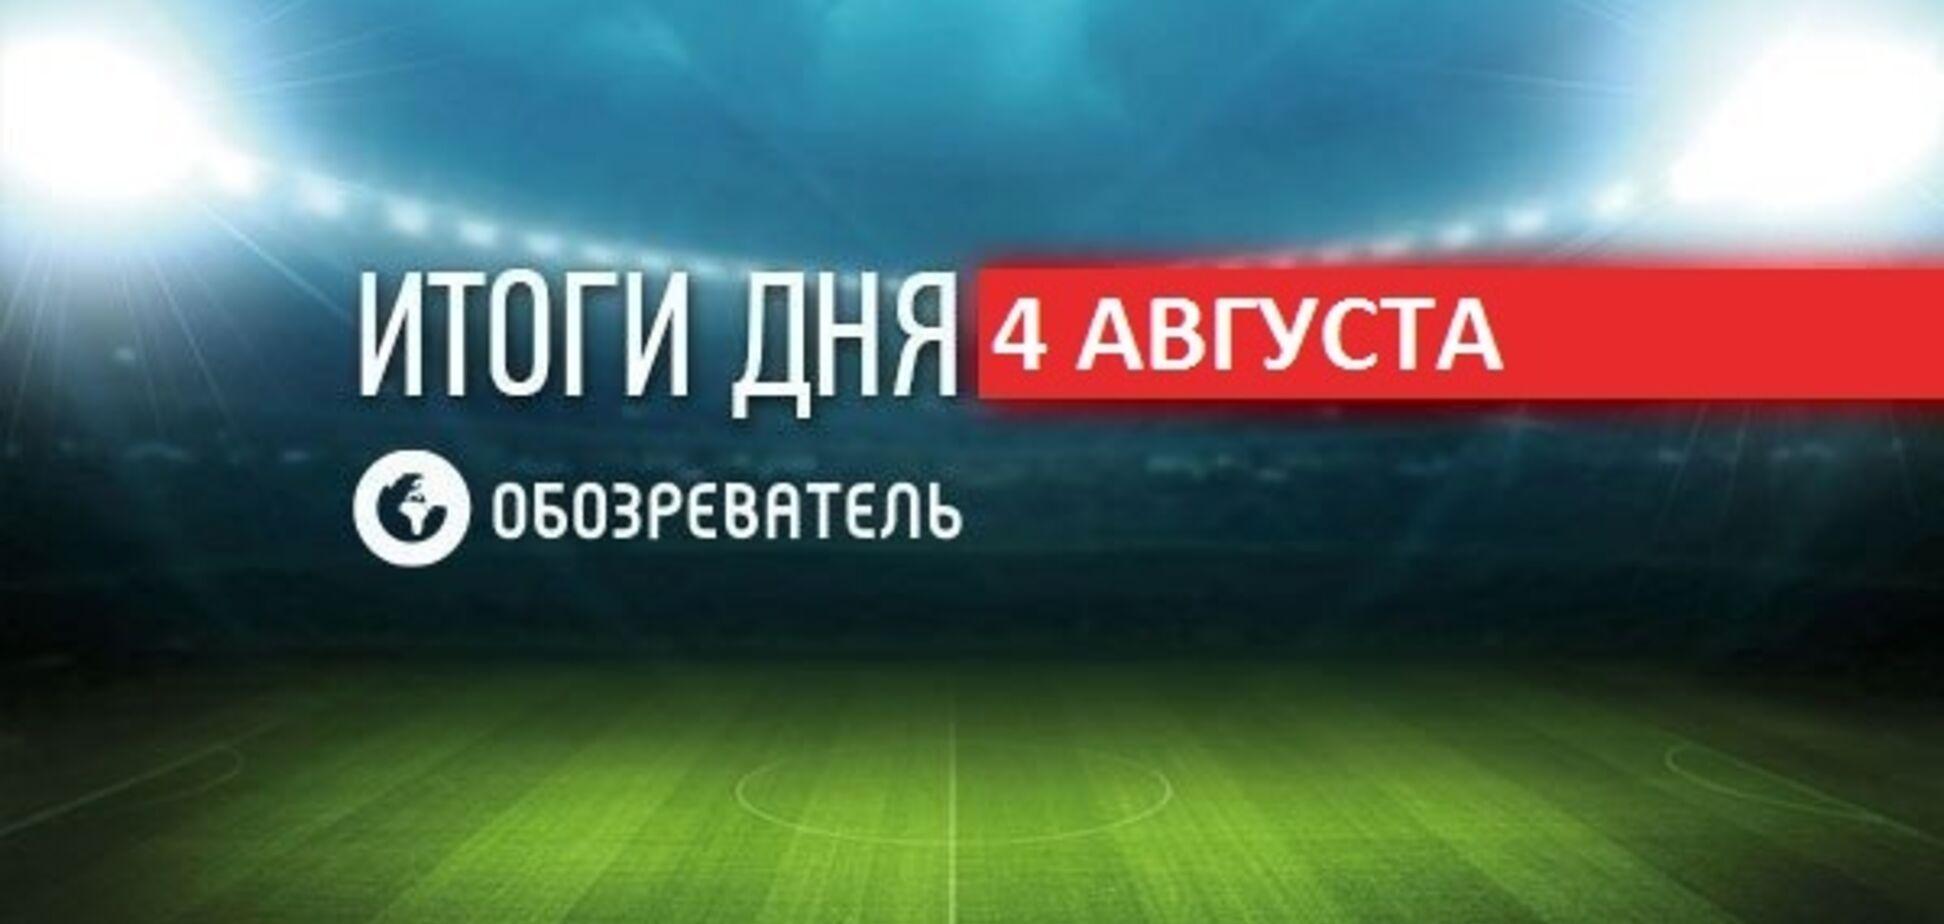 Игрок ''Вольфсбурга'' назвал странным матч с ''Шахтером'' в Украине: итоги спорта 4 августа